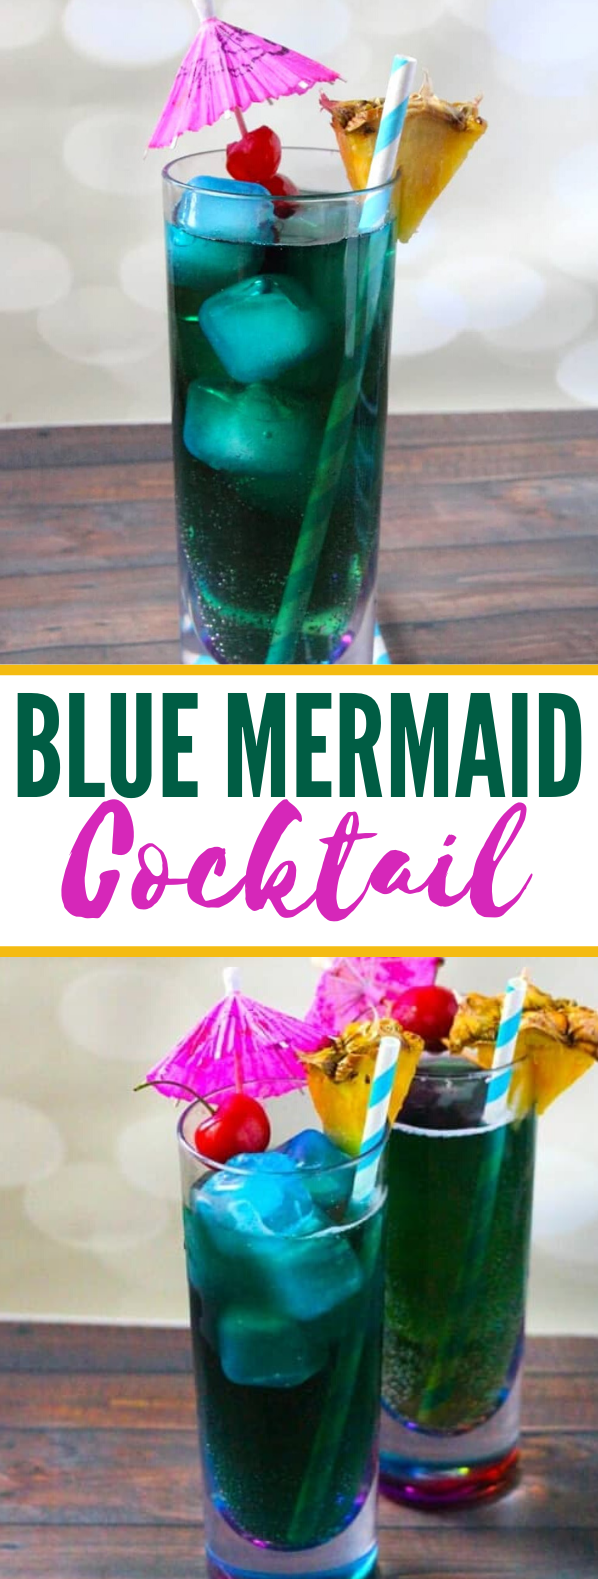 Blue Mermaid Cocktail #drinks #summerdrink